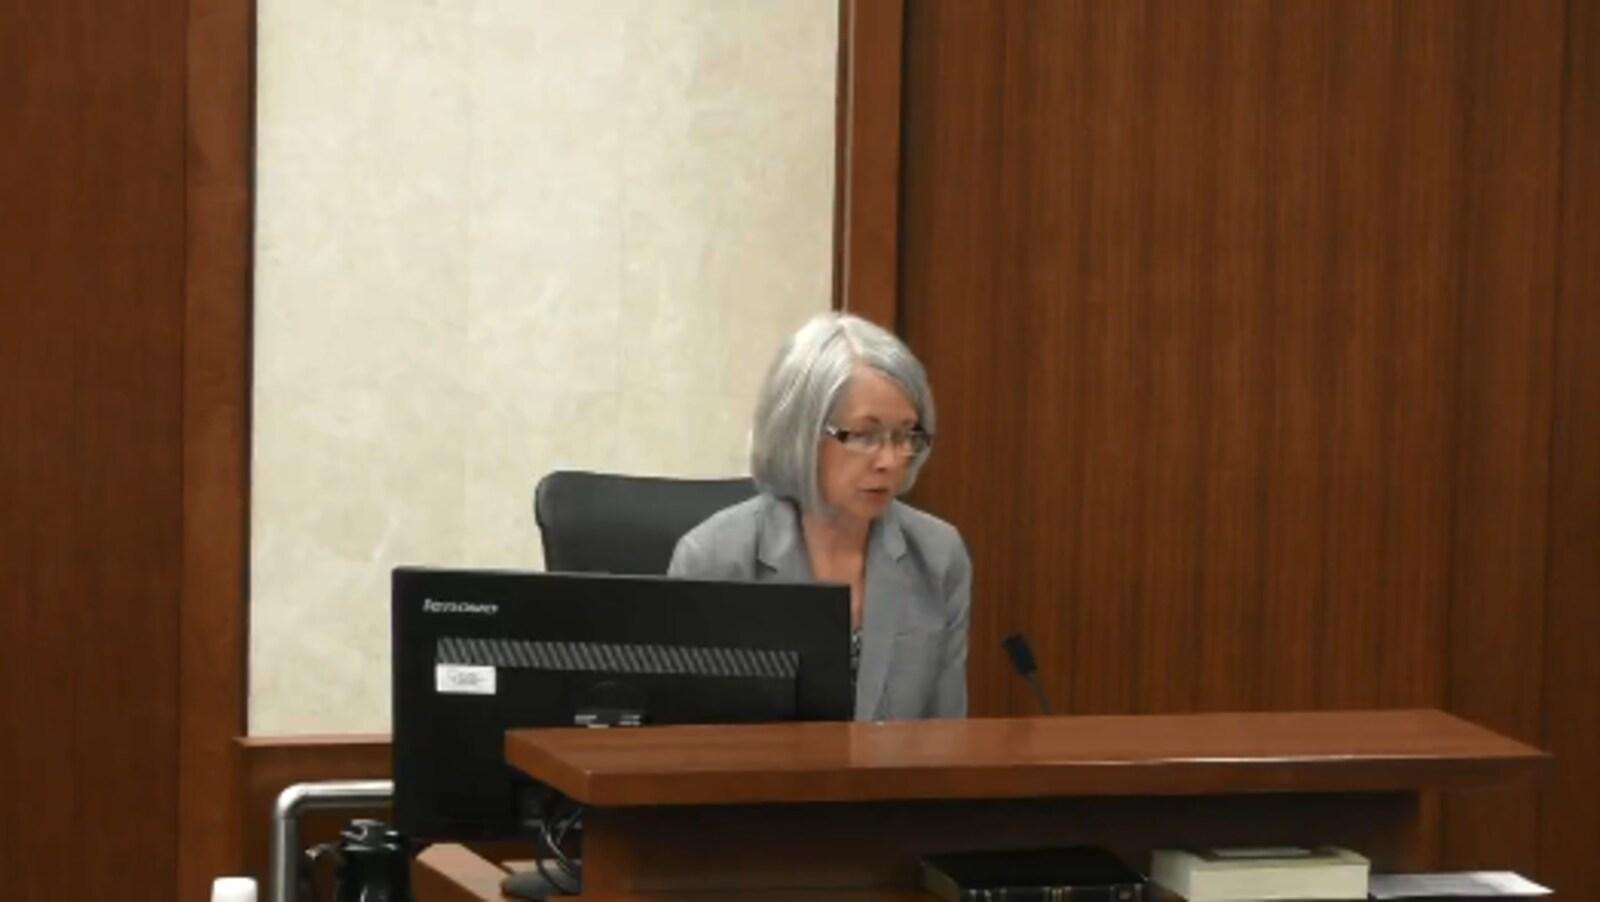 Une femme témoigne dans une salle de cour.